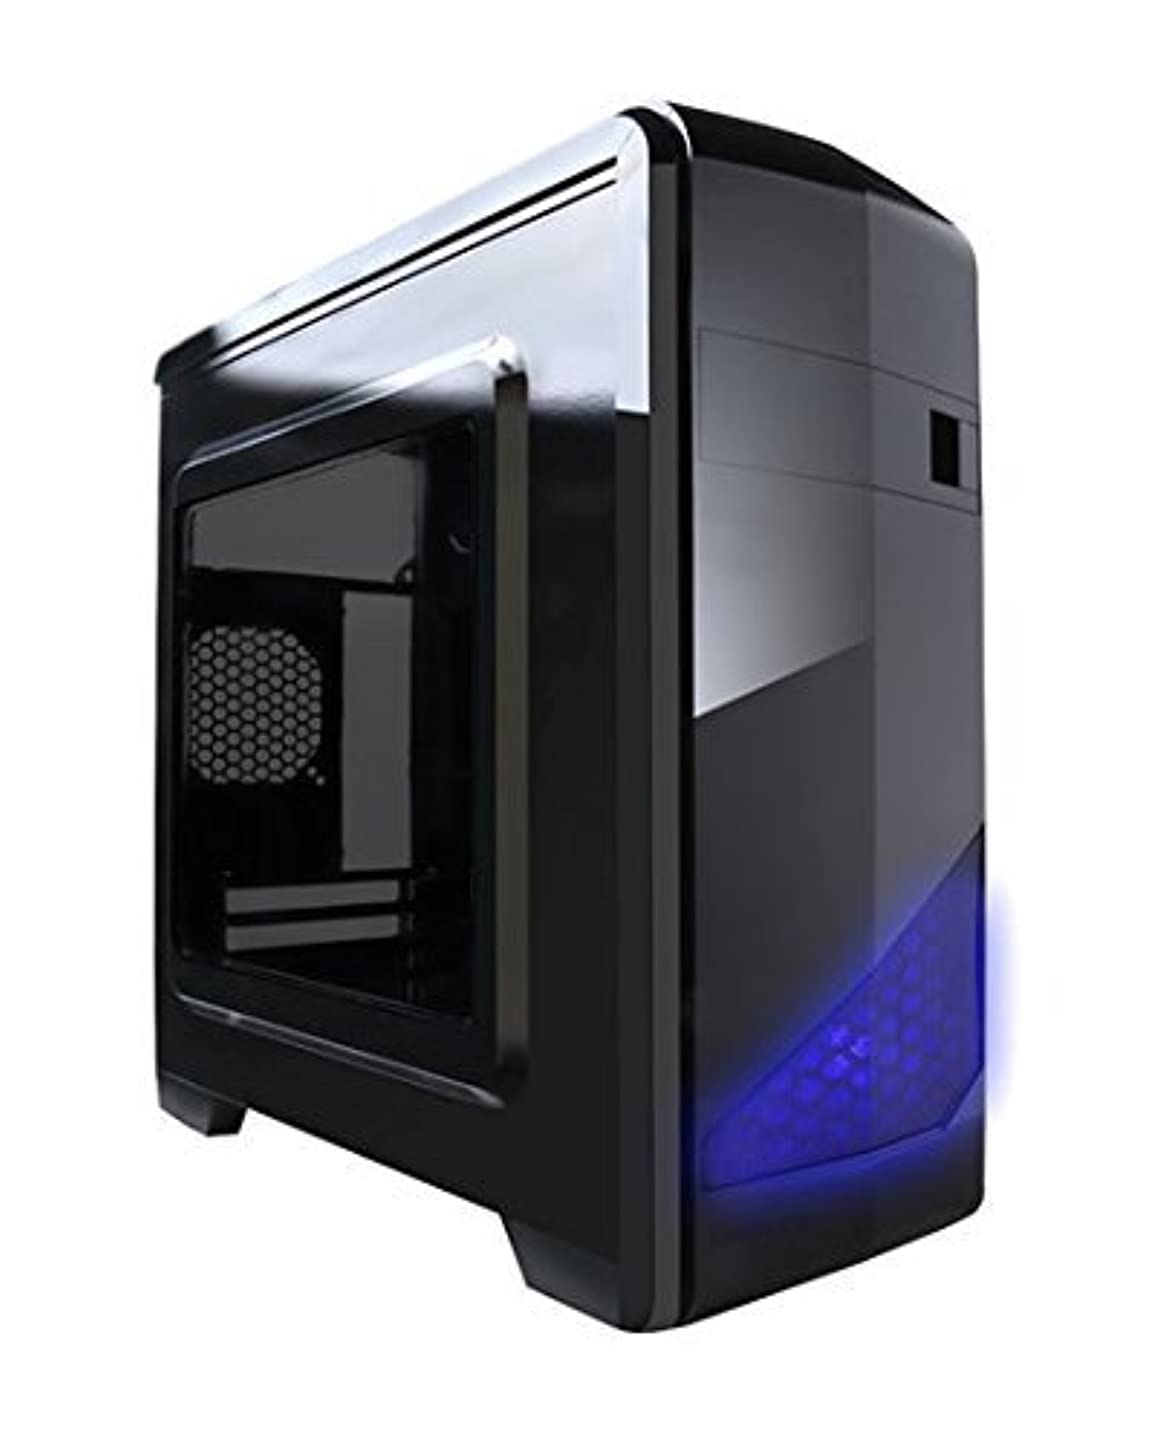 士気大統領謎Apevia x-qtis no電源供給MicroATXケース(ブラック)